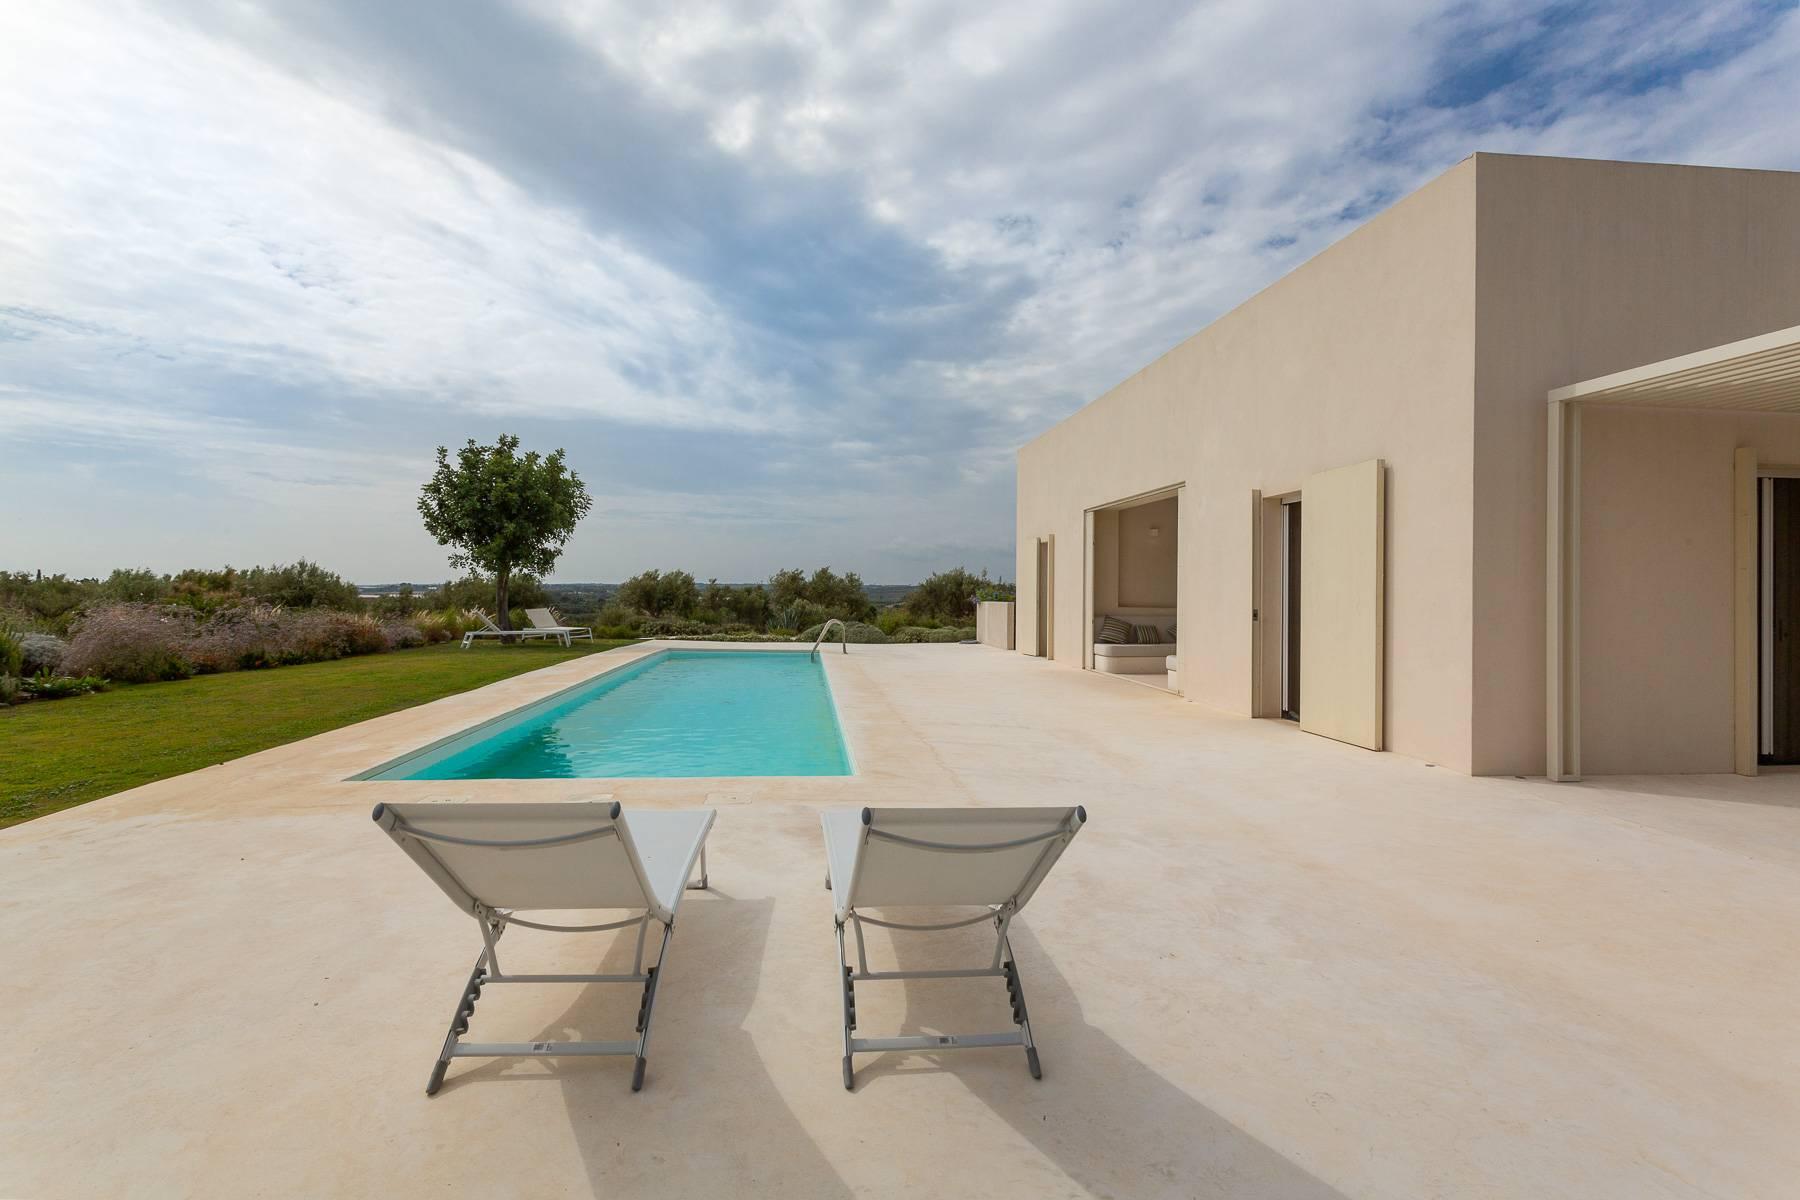 Villa in Vendita a Noto: 5 locali, 245 mq - Foto 10